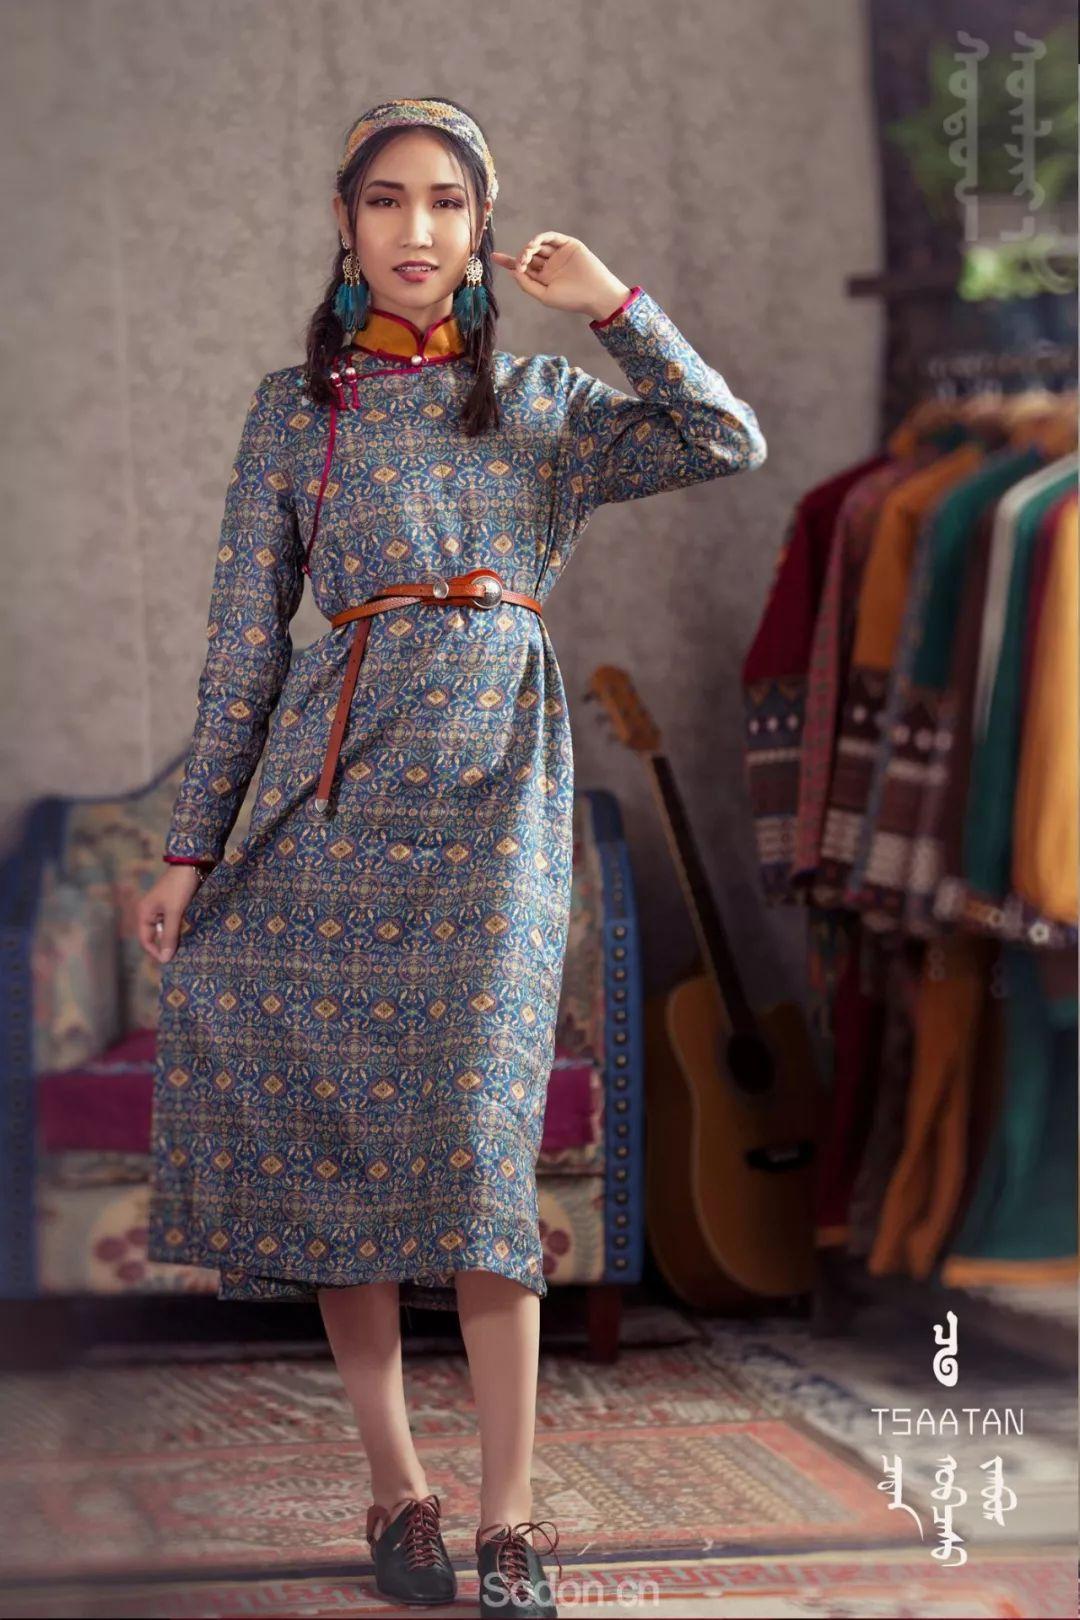 TSAATAN蒙古时装 2019新款,来自驯鹿人的独特魅力! 第27张